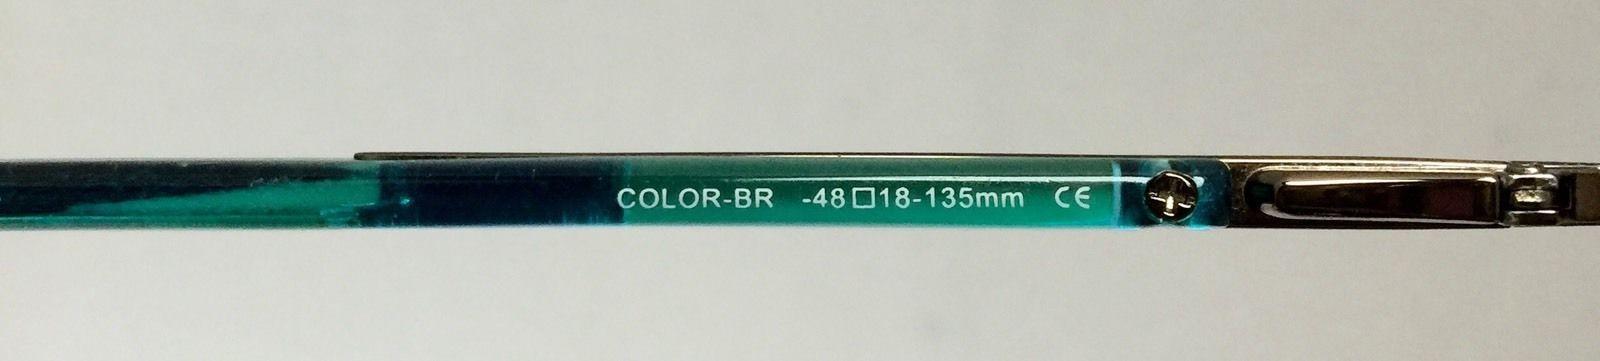 9614fb14a0 ... ELLE Prescription RX Eyeglass Silver Metal BR Aqua Frames EL18575 48 18  135